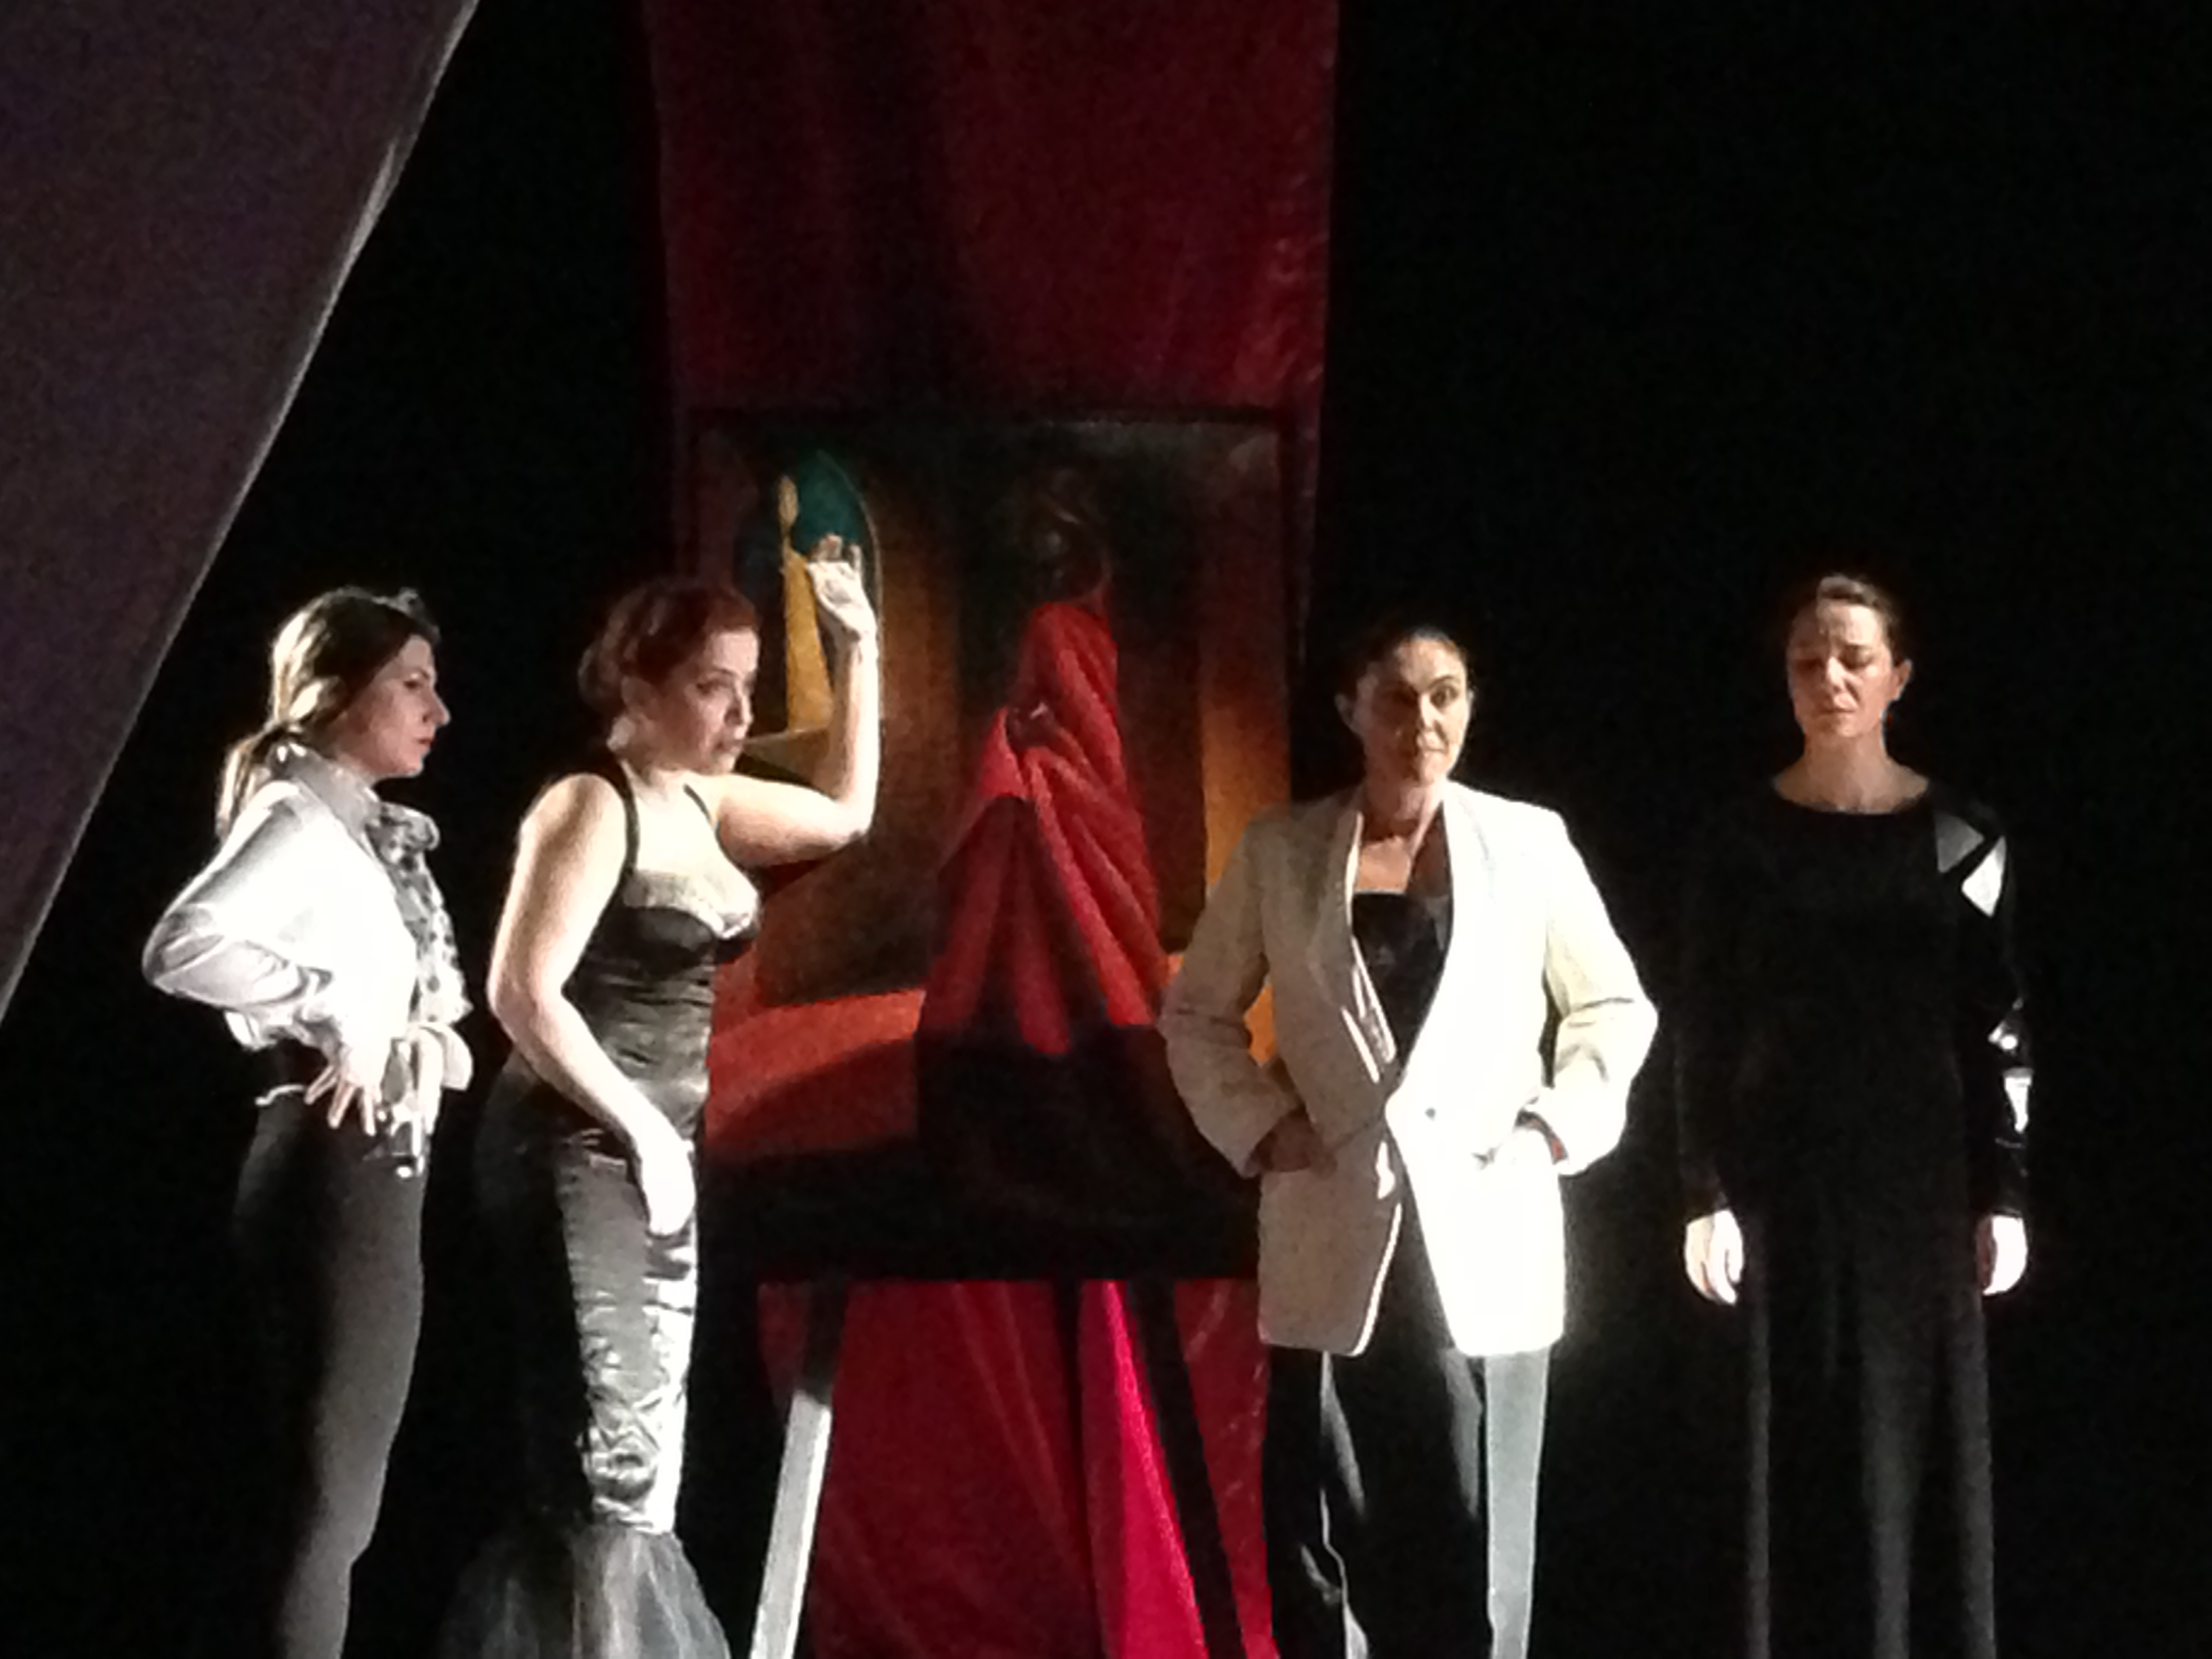 Chiara gp opera in corso 2 donne allo specchio - Valeria allo specchio ...